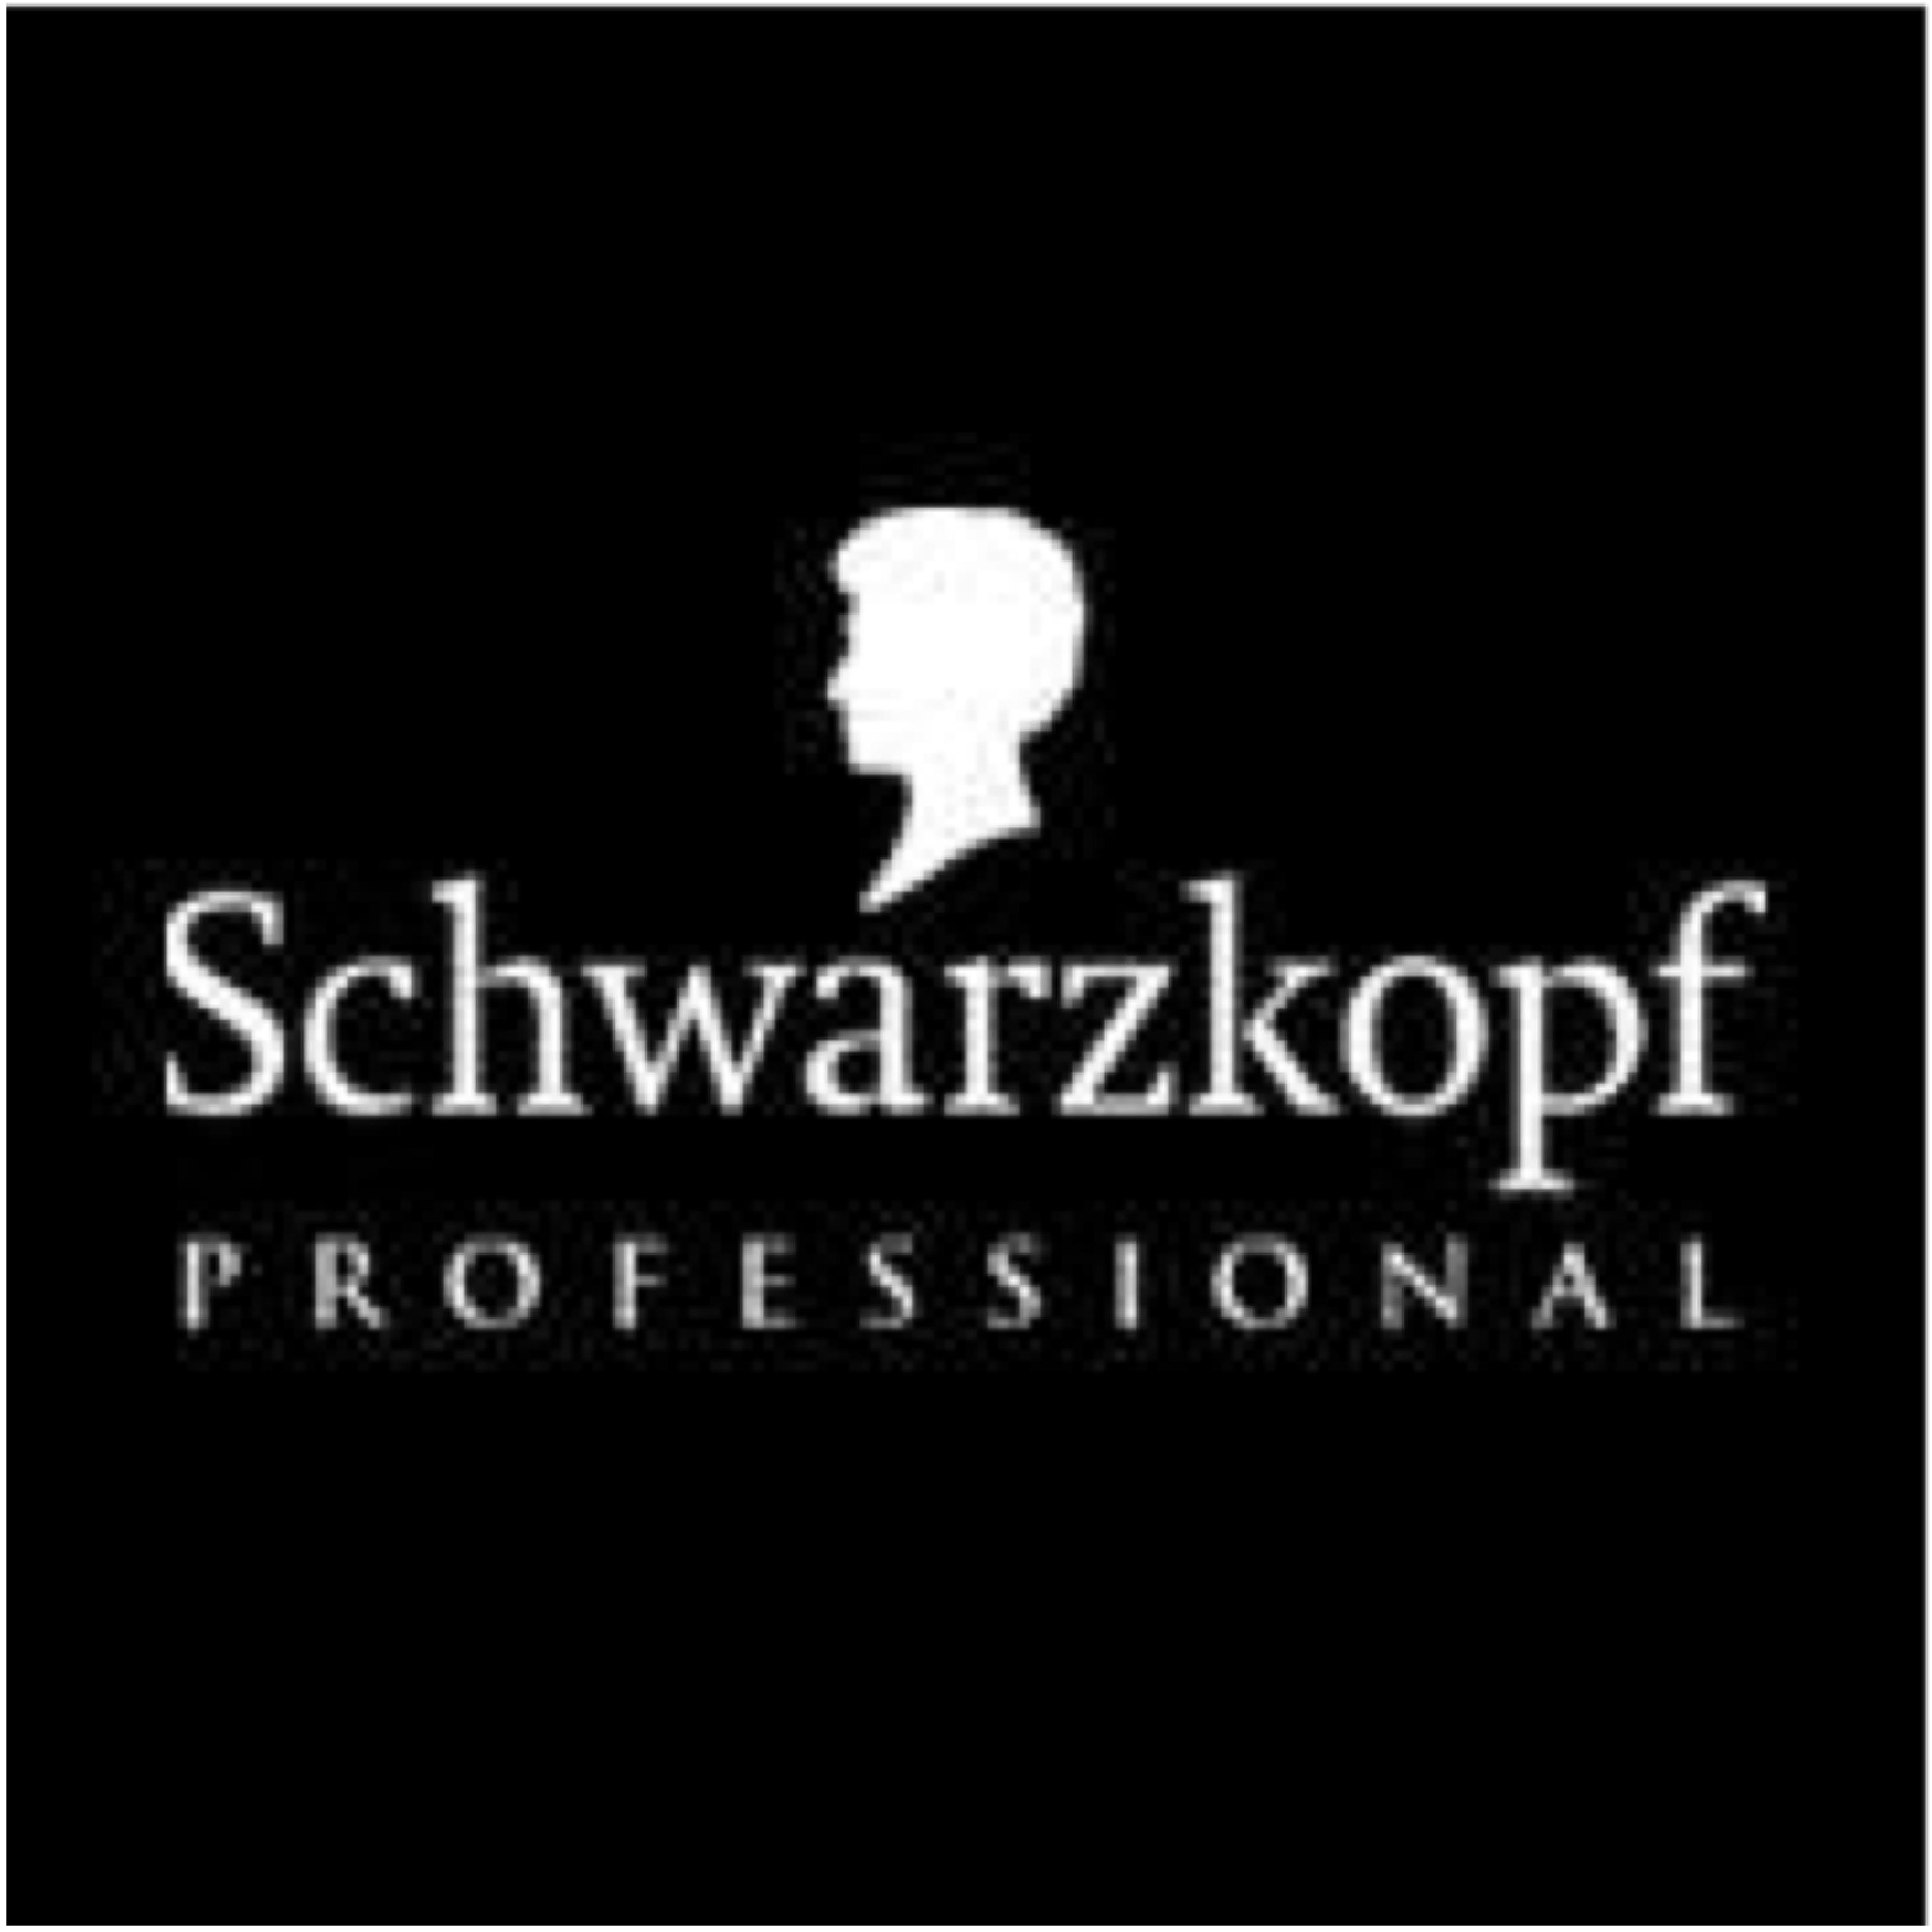 Schwarzkopf Professional - Beauty